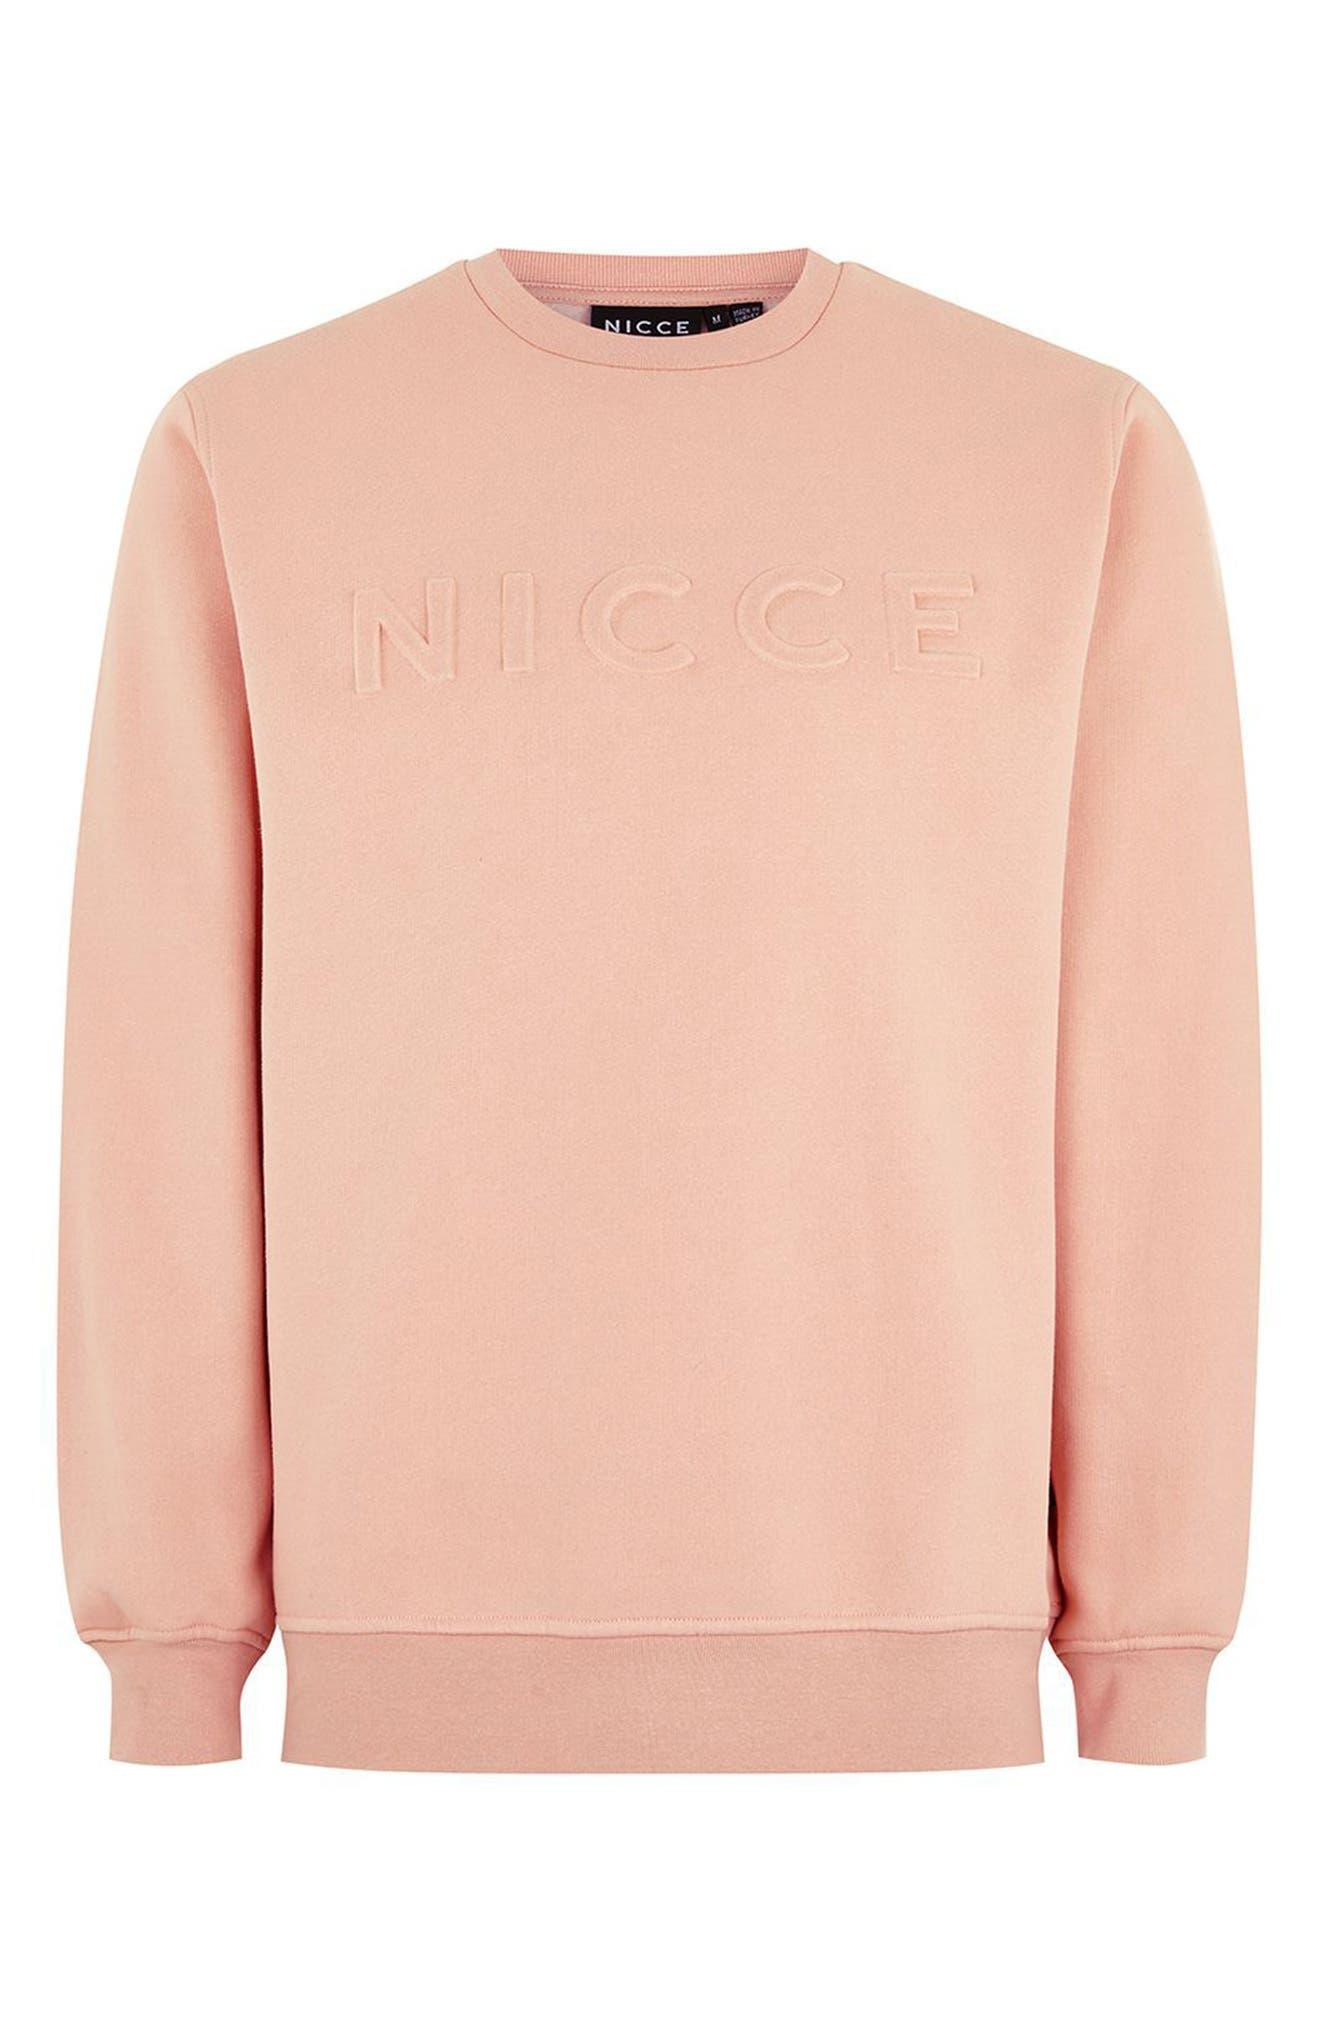 NICCE Slim Fit Embossed Sweatshirt,                             Alternate thumbnail 4, color,                             Pink